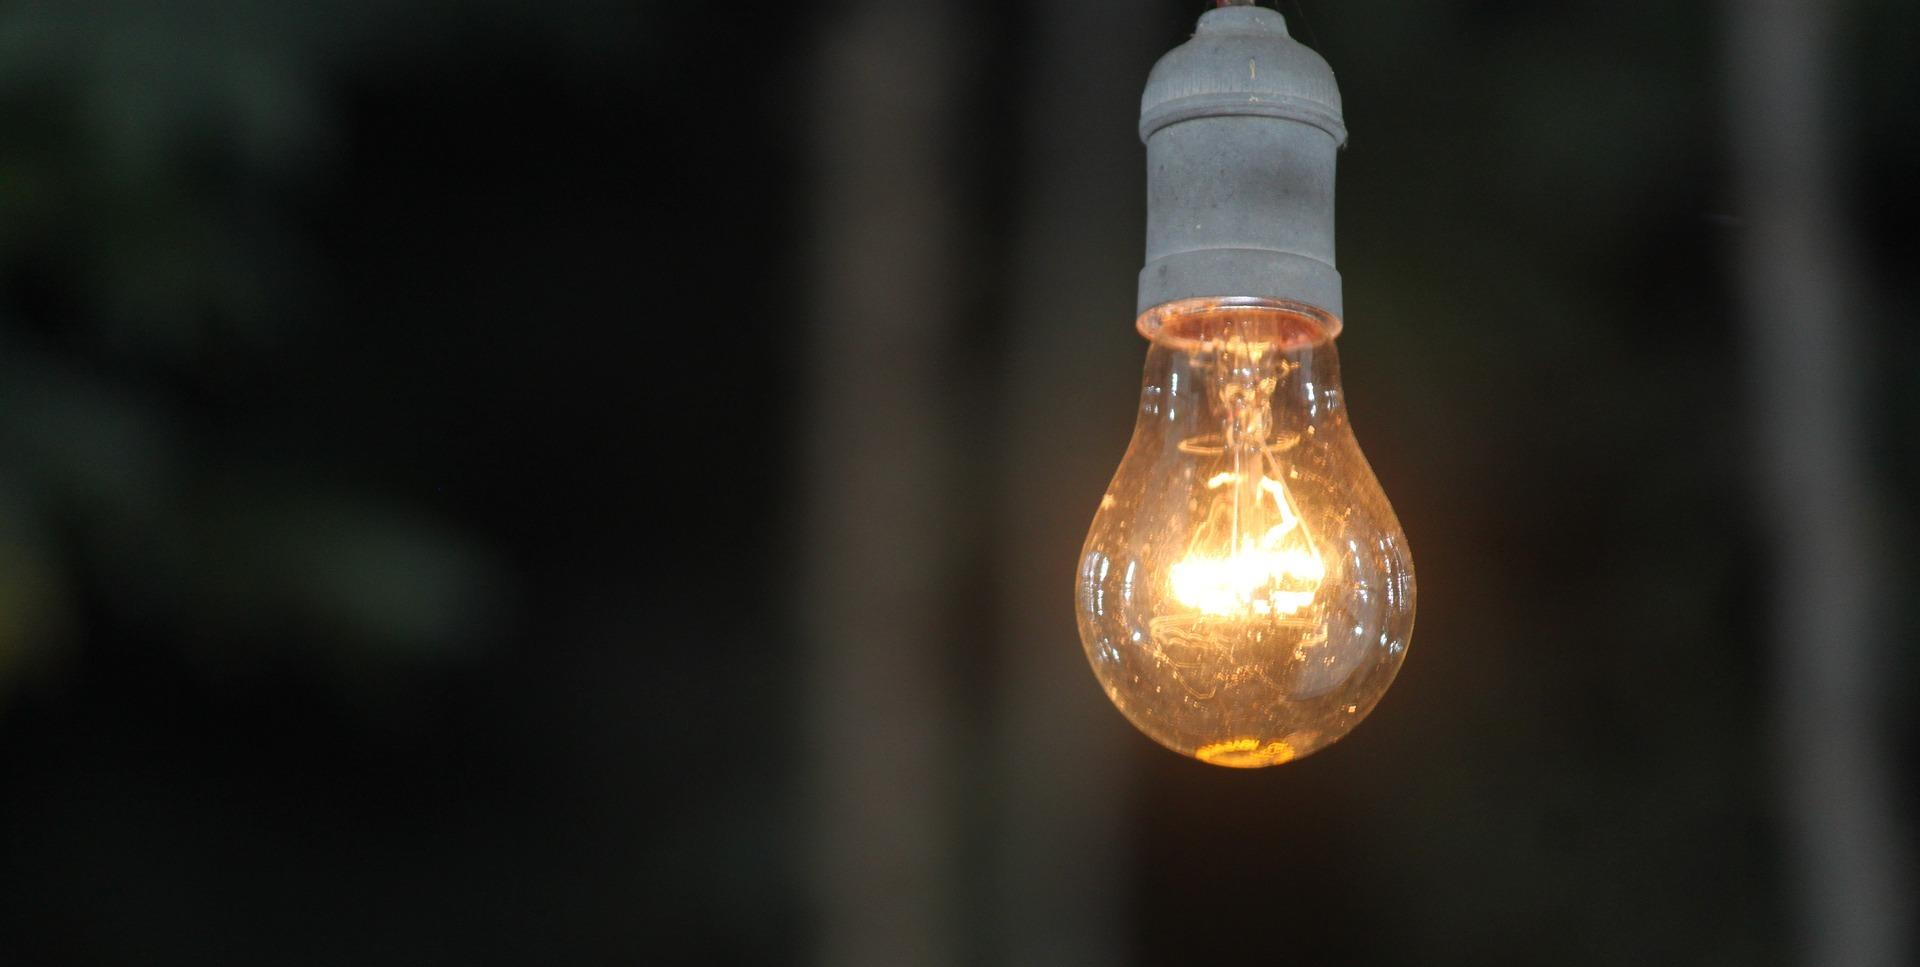 лампа пиксабай